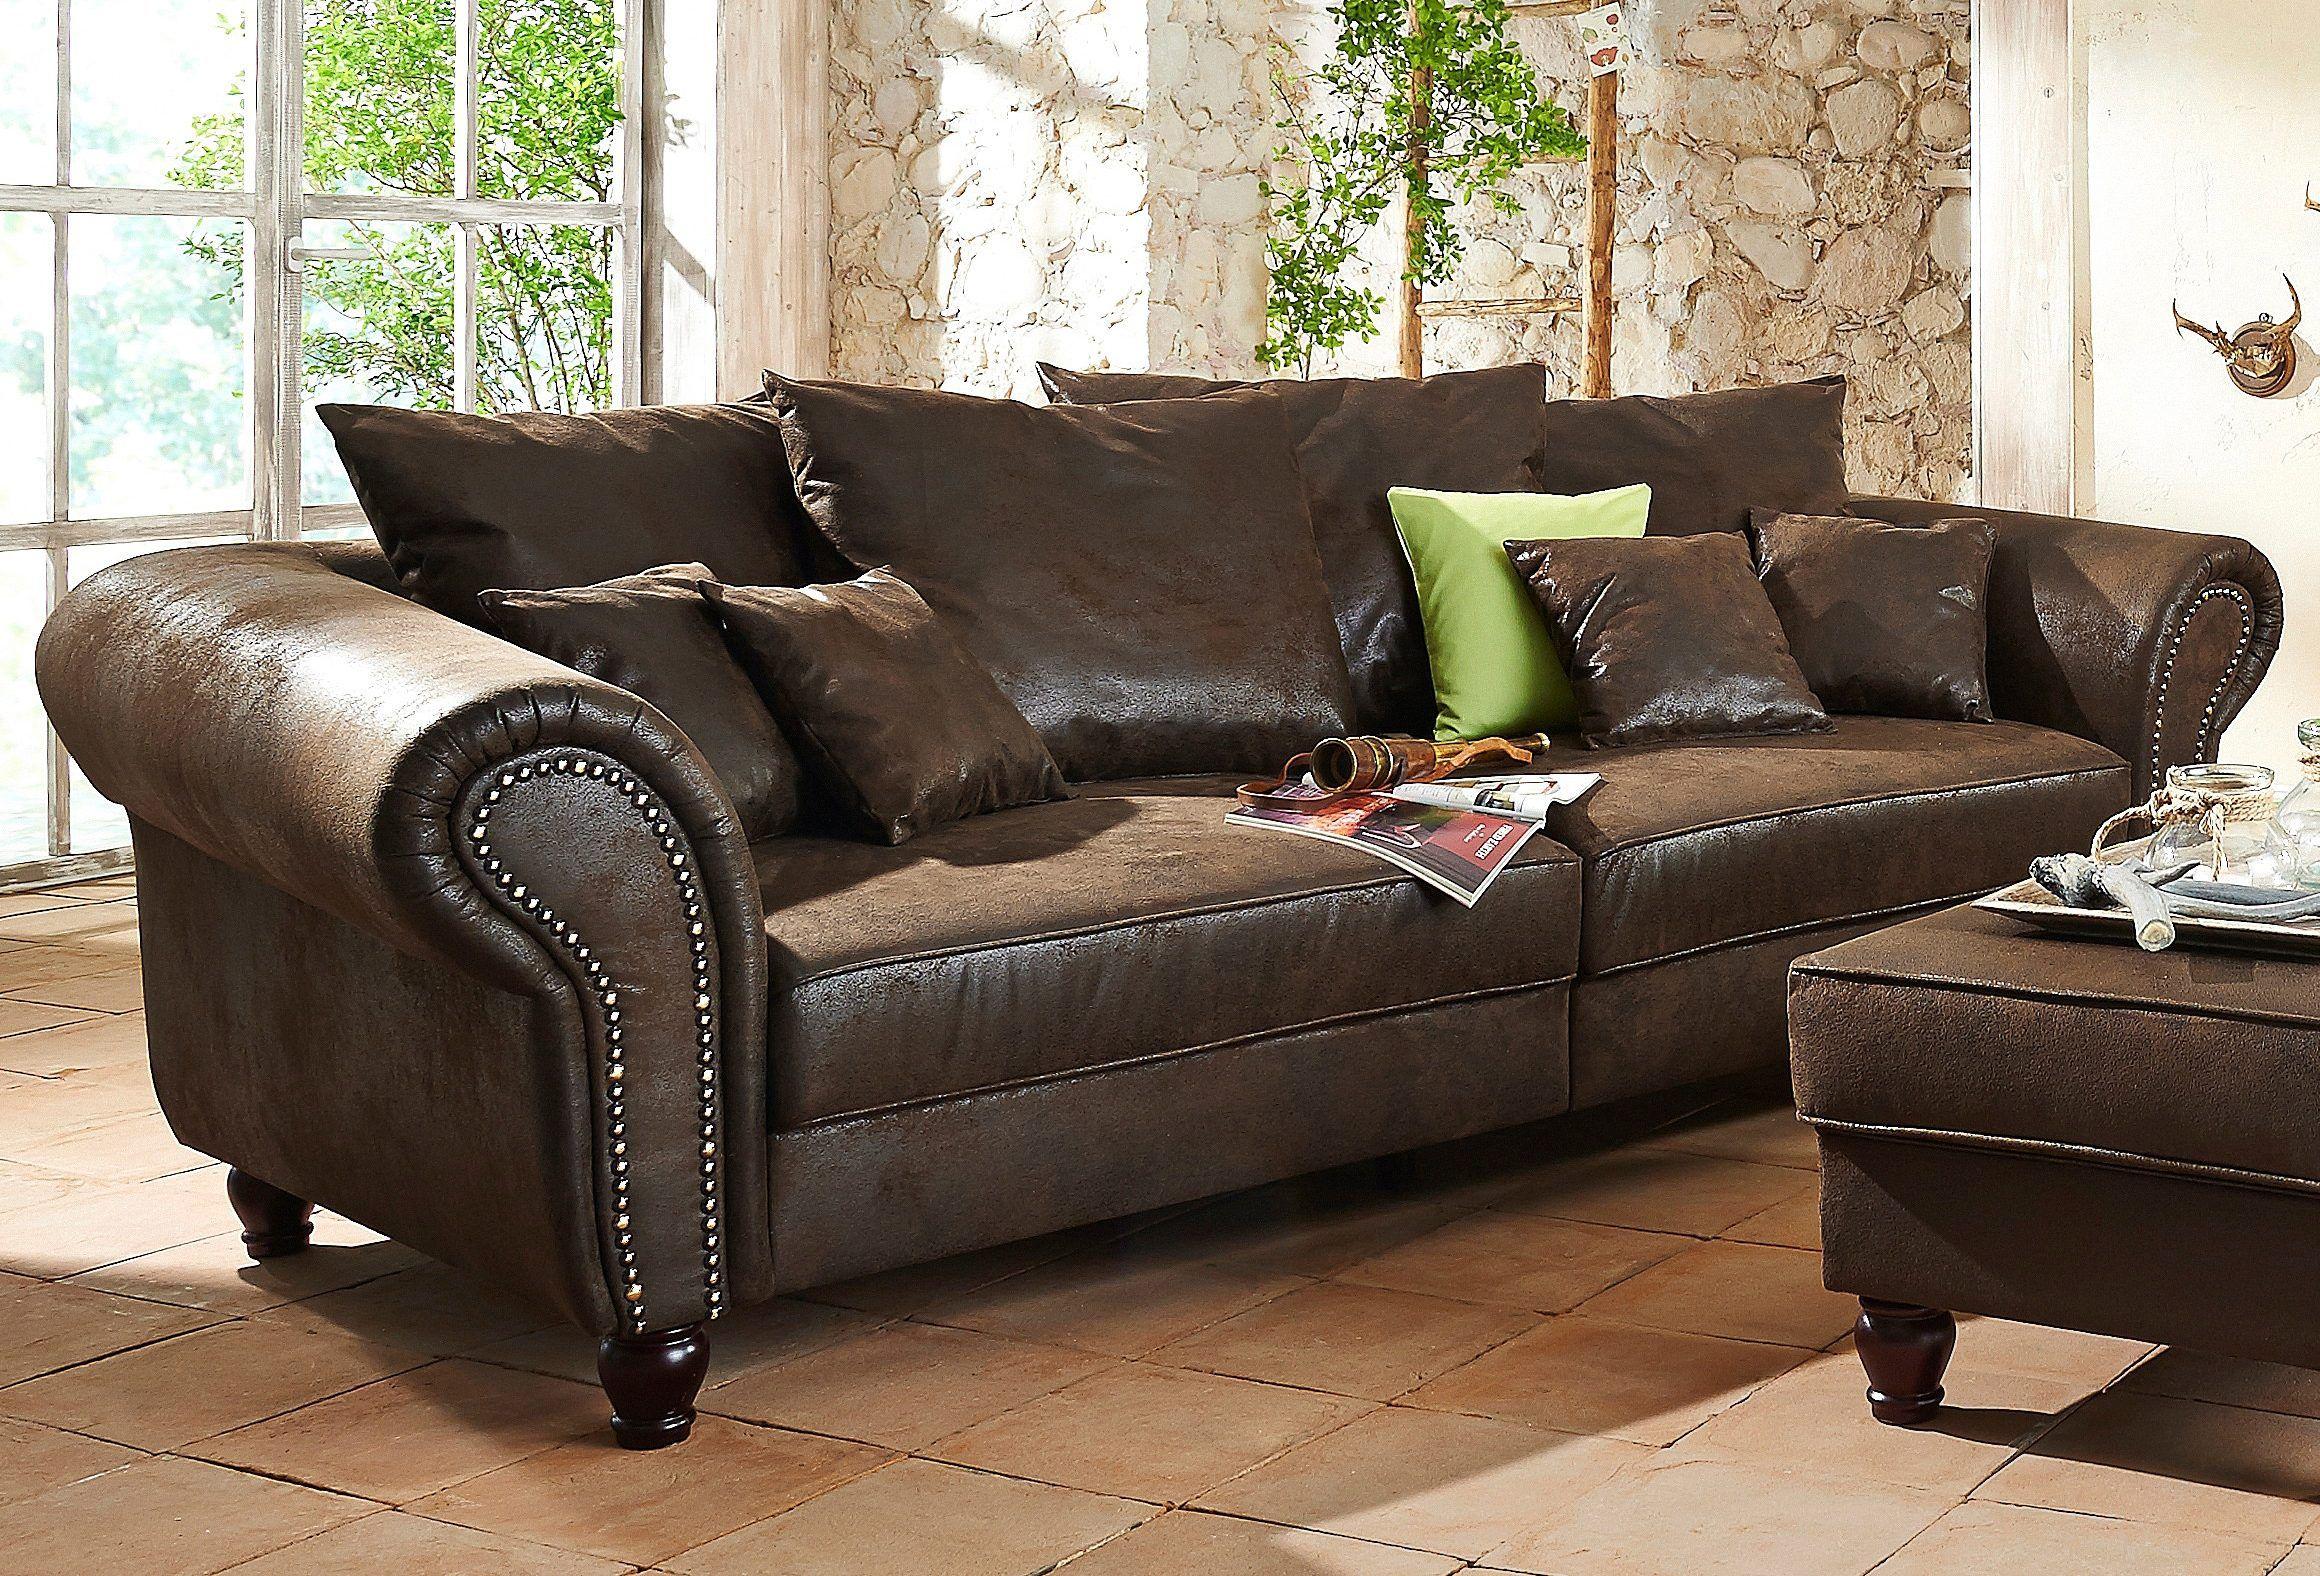 Home affaire Big-Sofa braun, »BigBy« Jetzt bestellen unter: https ...